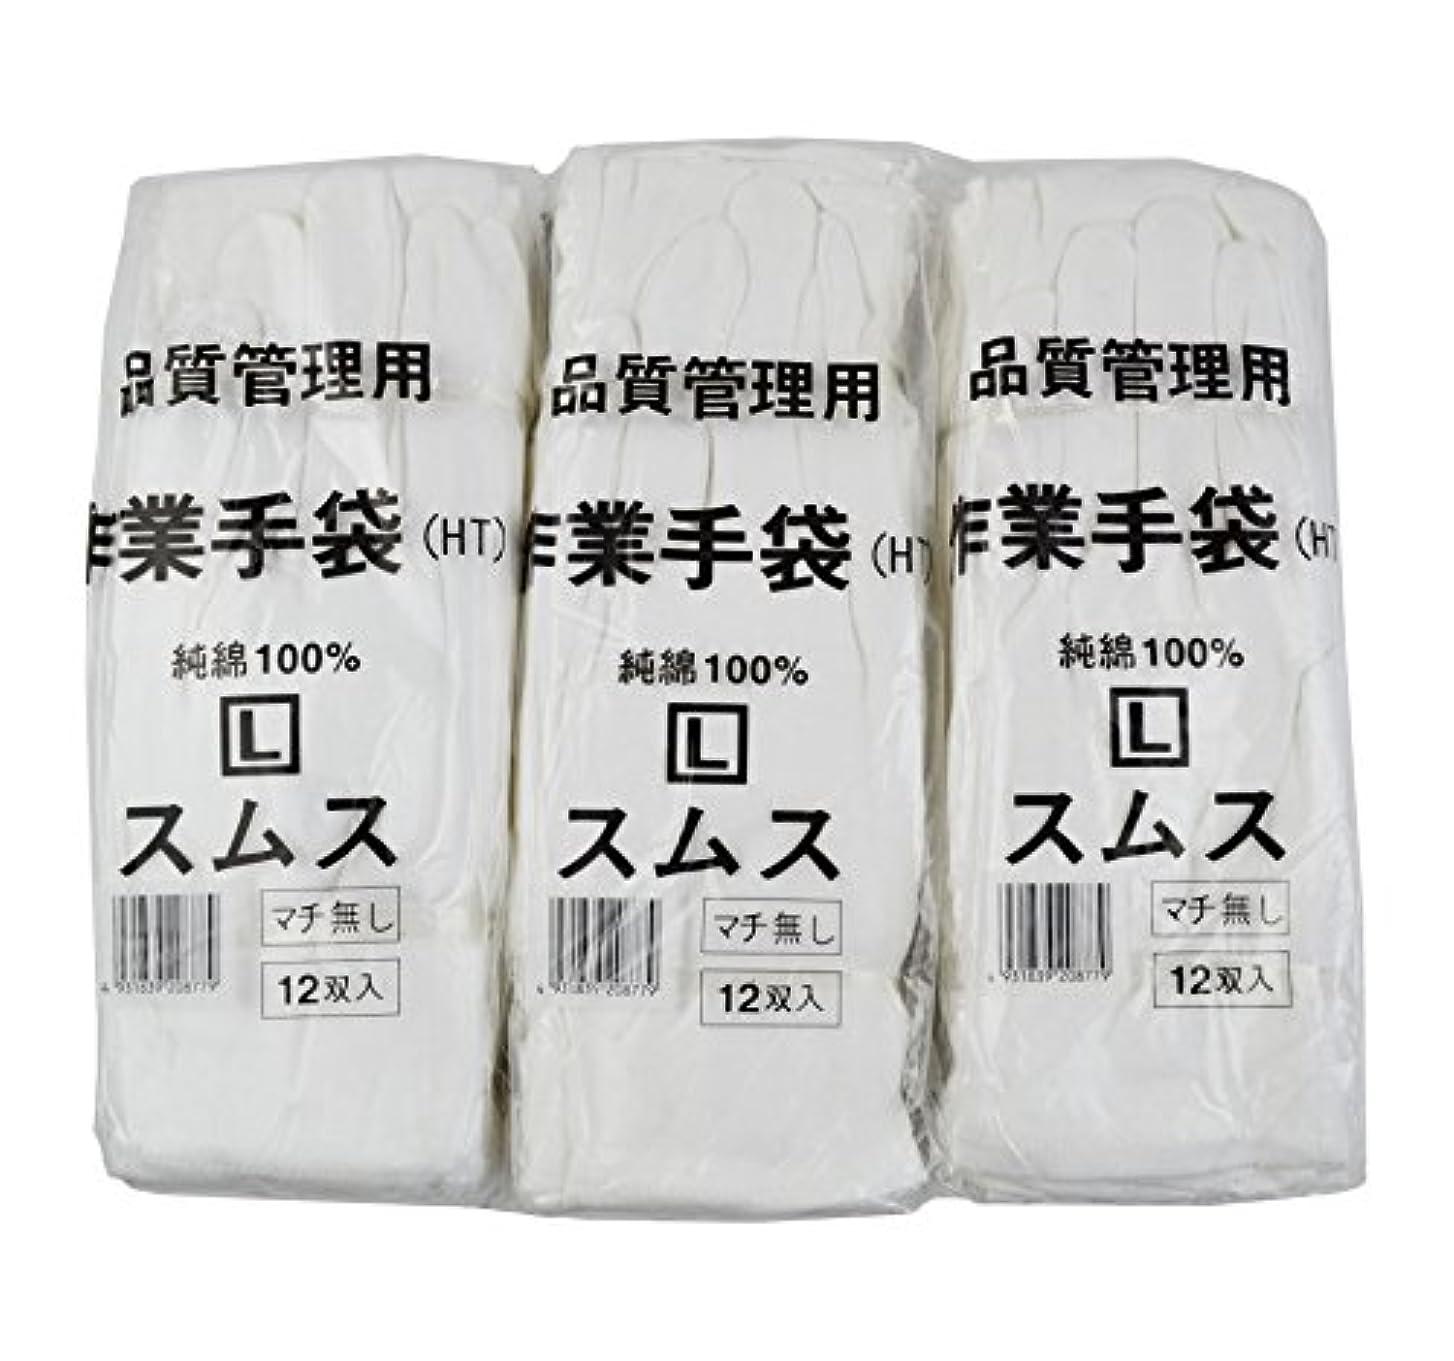 排出港投資する【お得なセット売り】 純綿100% スムス 手袋 Lサイズ 12双×3袋セット 大人用 多用途 101118